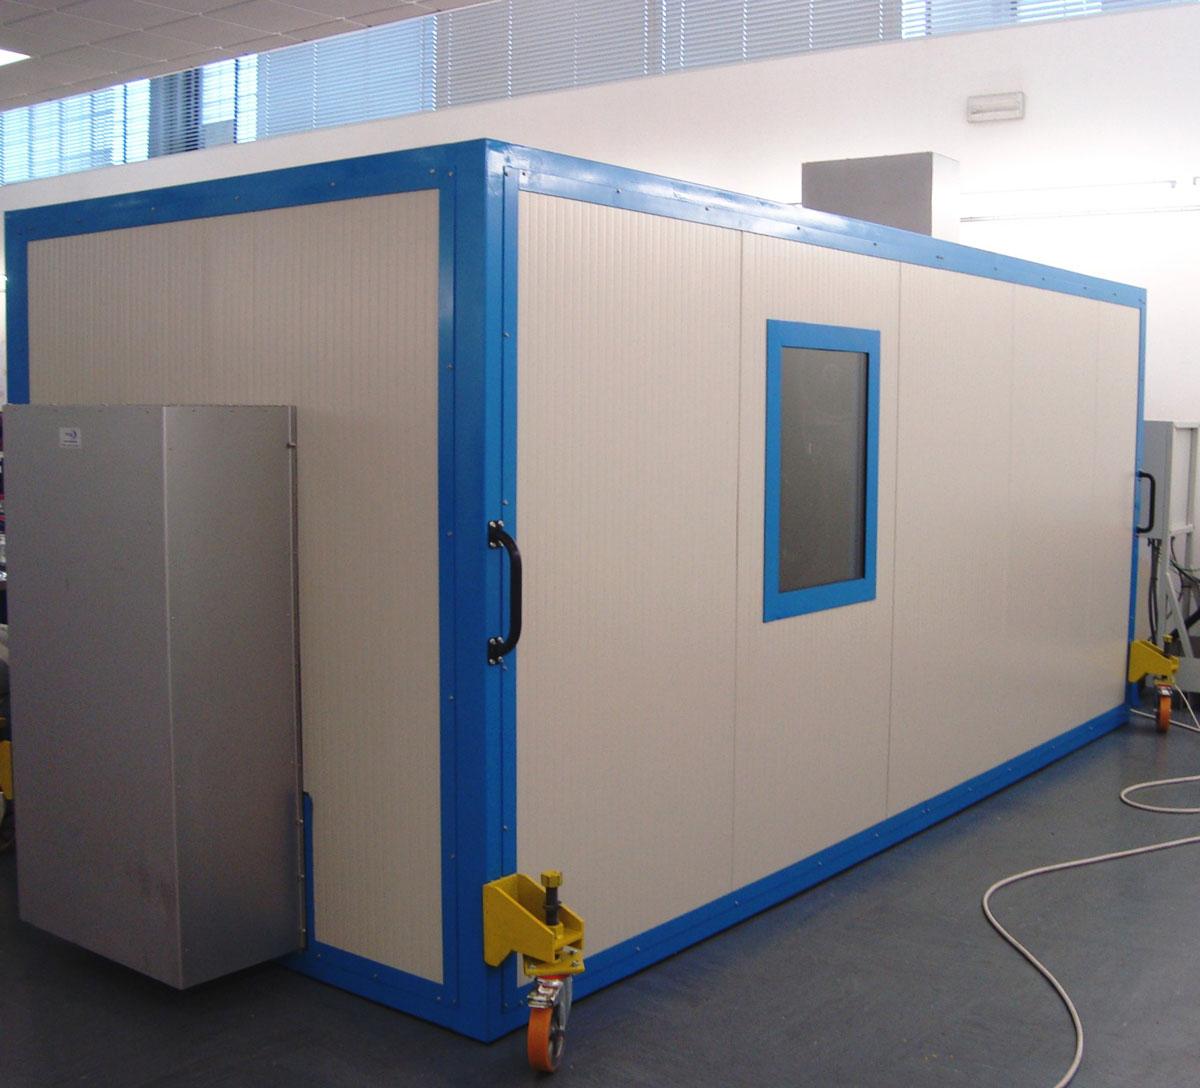 Ecotech pro cabine insonorizzate silenti acustiche for Cabine per nascondigli glenwood